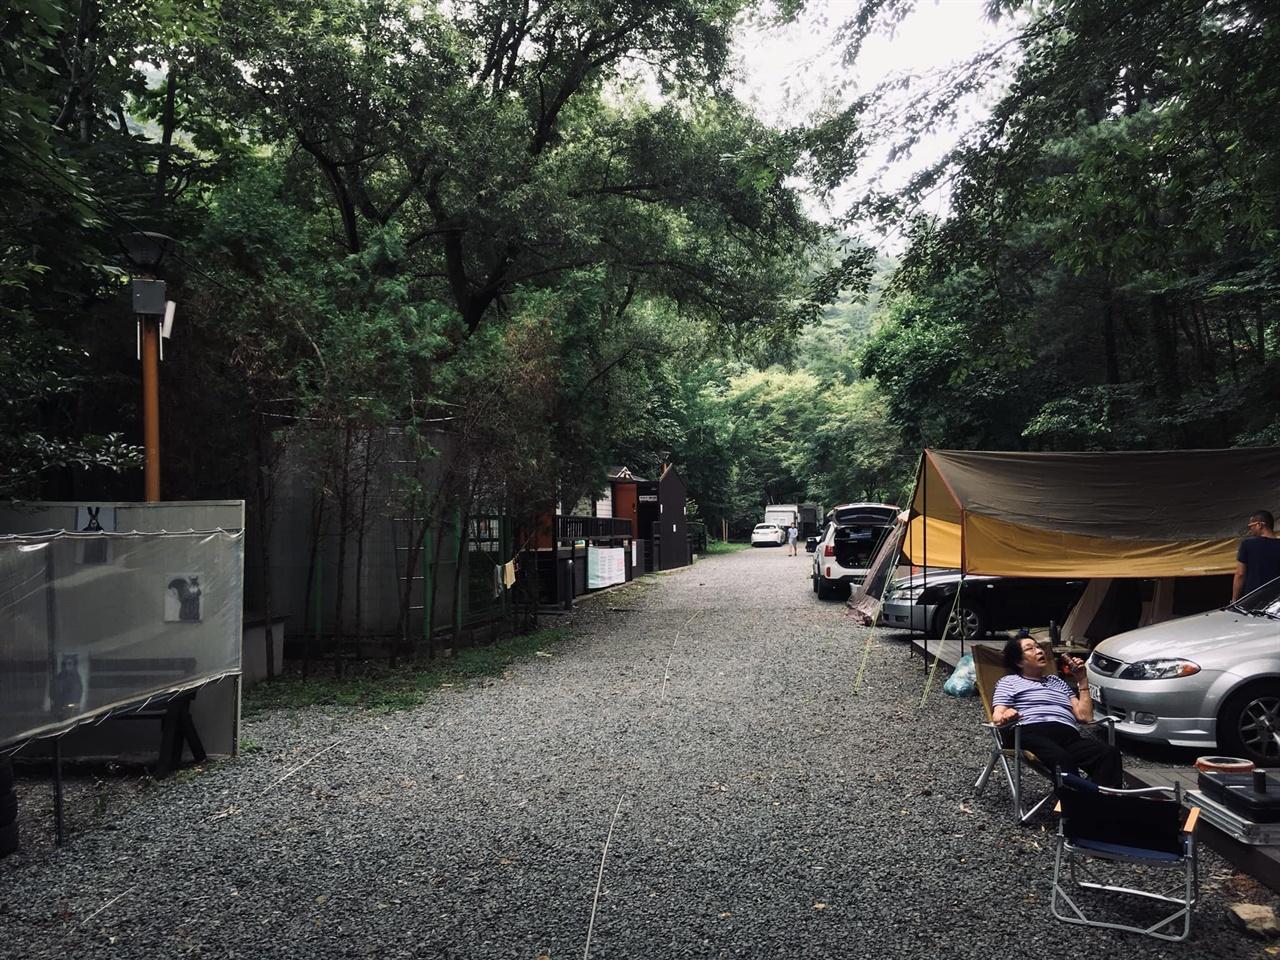 달천공원 캠핑장 휴가철이라 평일인데도 많은 사람들이 캠핑을 즐기고 있다